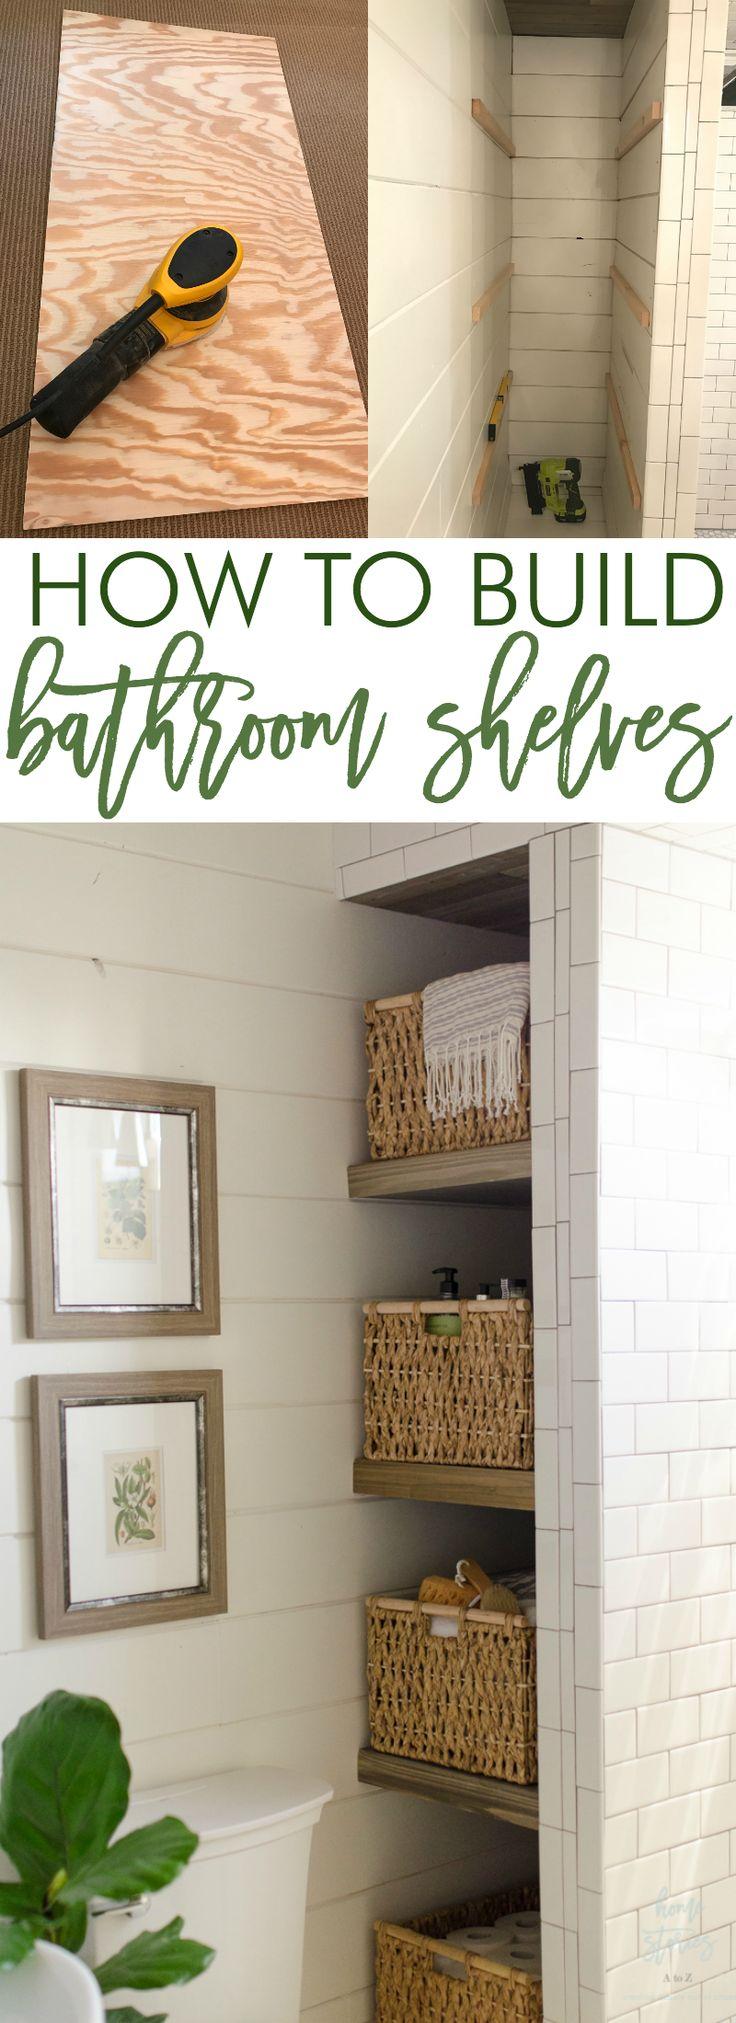 Wall shelf ideas for bathroom - How To Build Bathroom Shelves Next To Shower